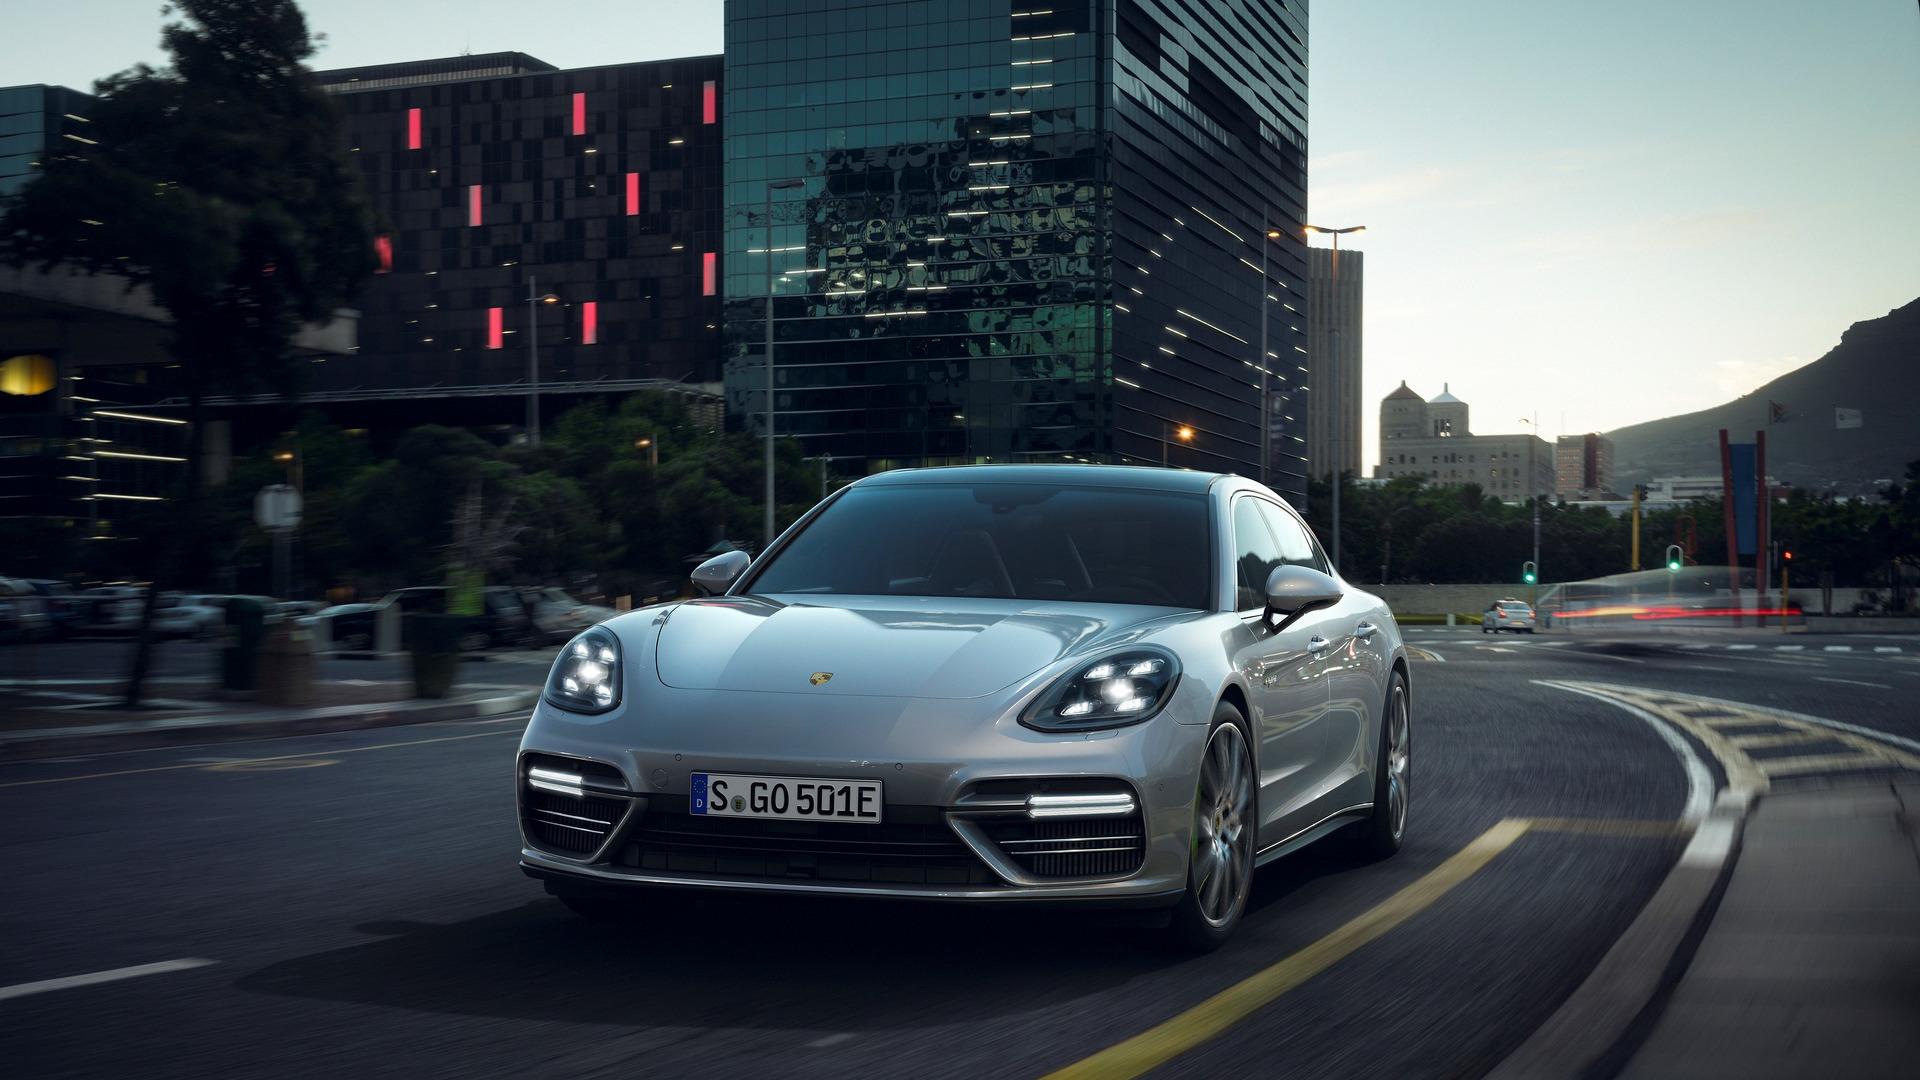 2018_Porsche_Panamera_Turbo_S_E-Hybrid_07